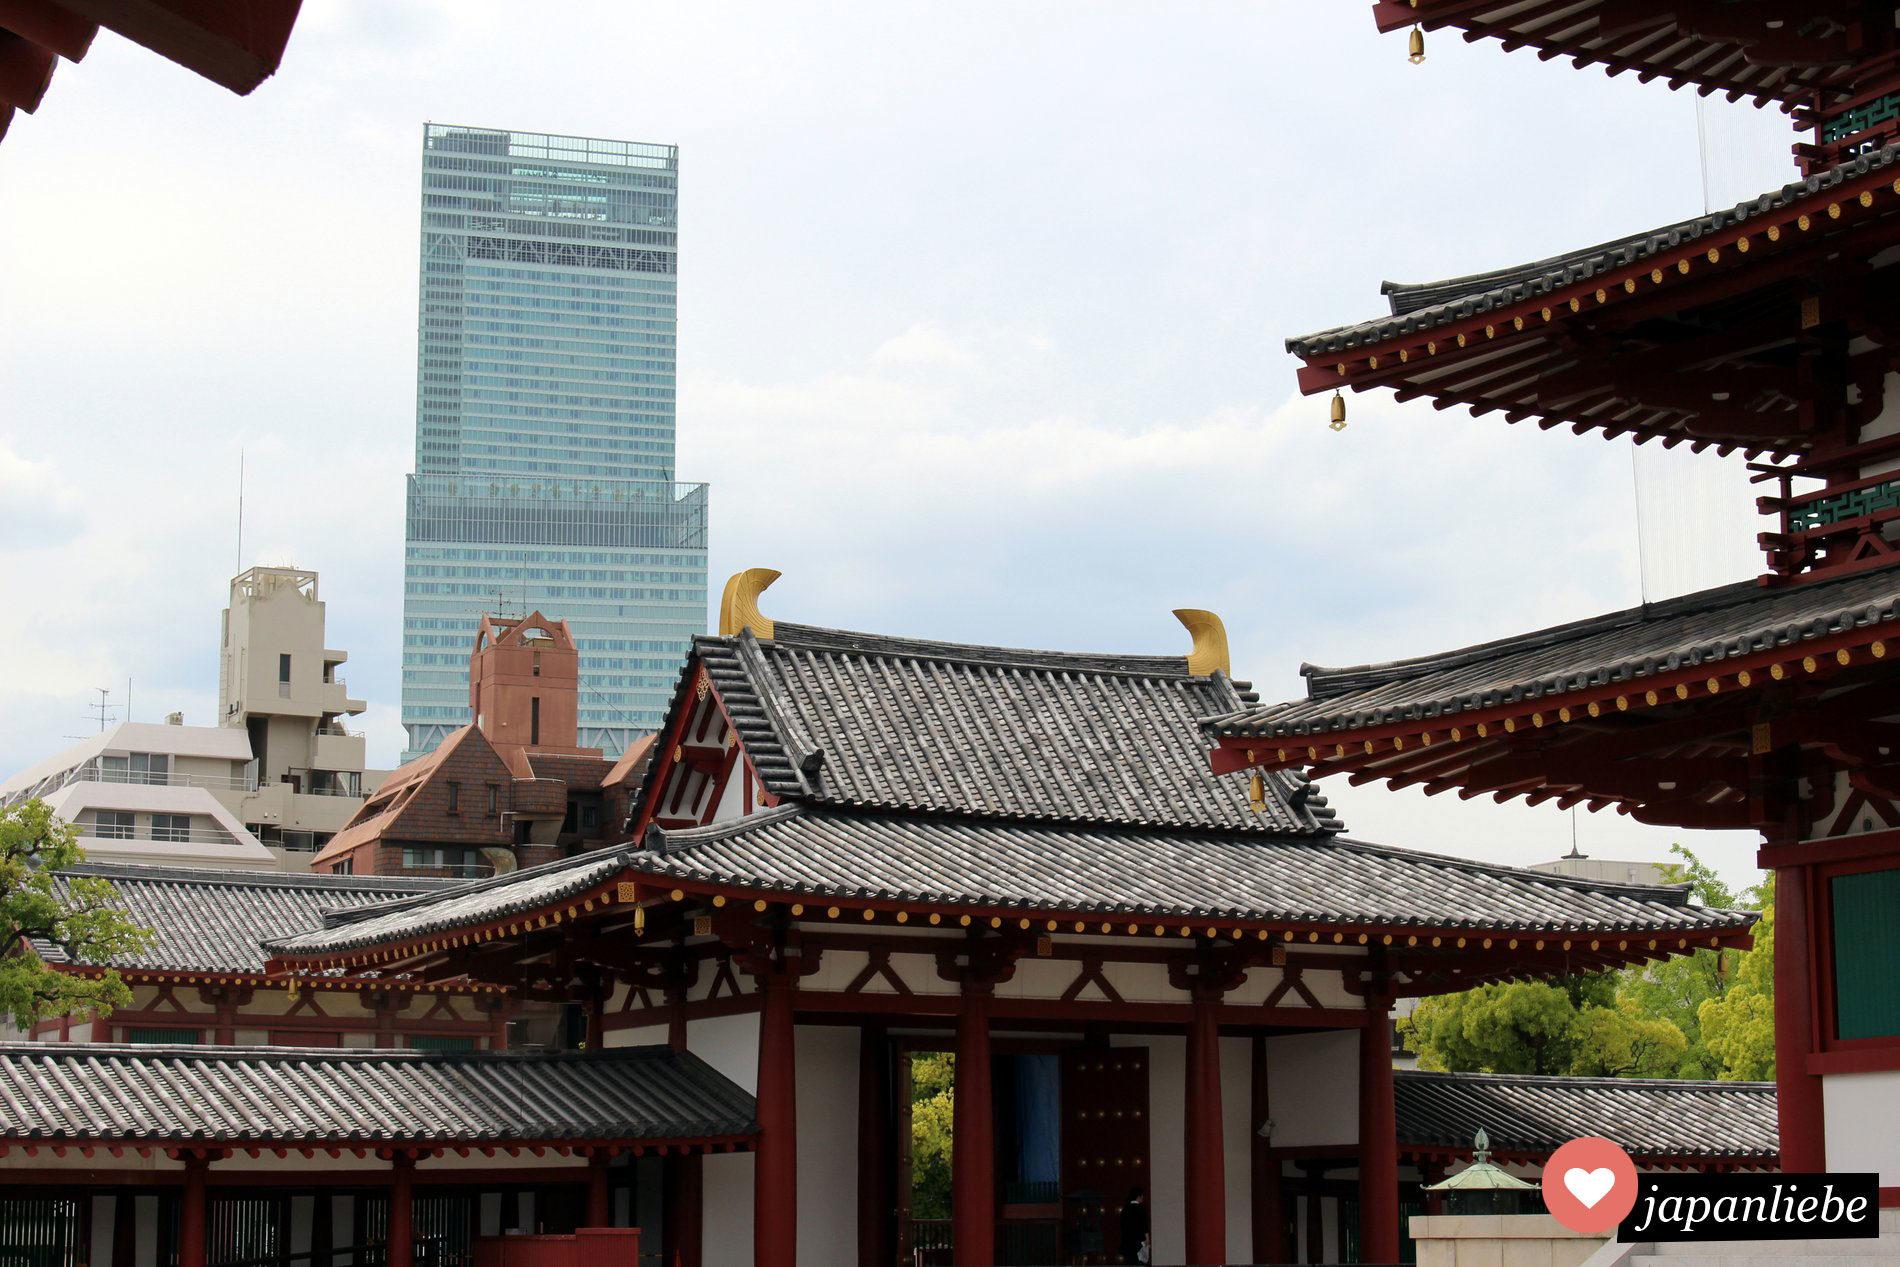 Der Shittenō-ji Tempel in Ōsaka liegt mitten in der Stadt.